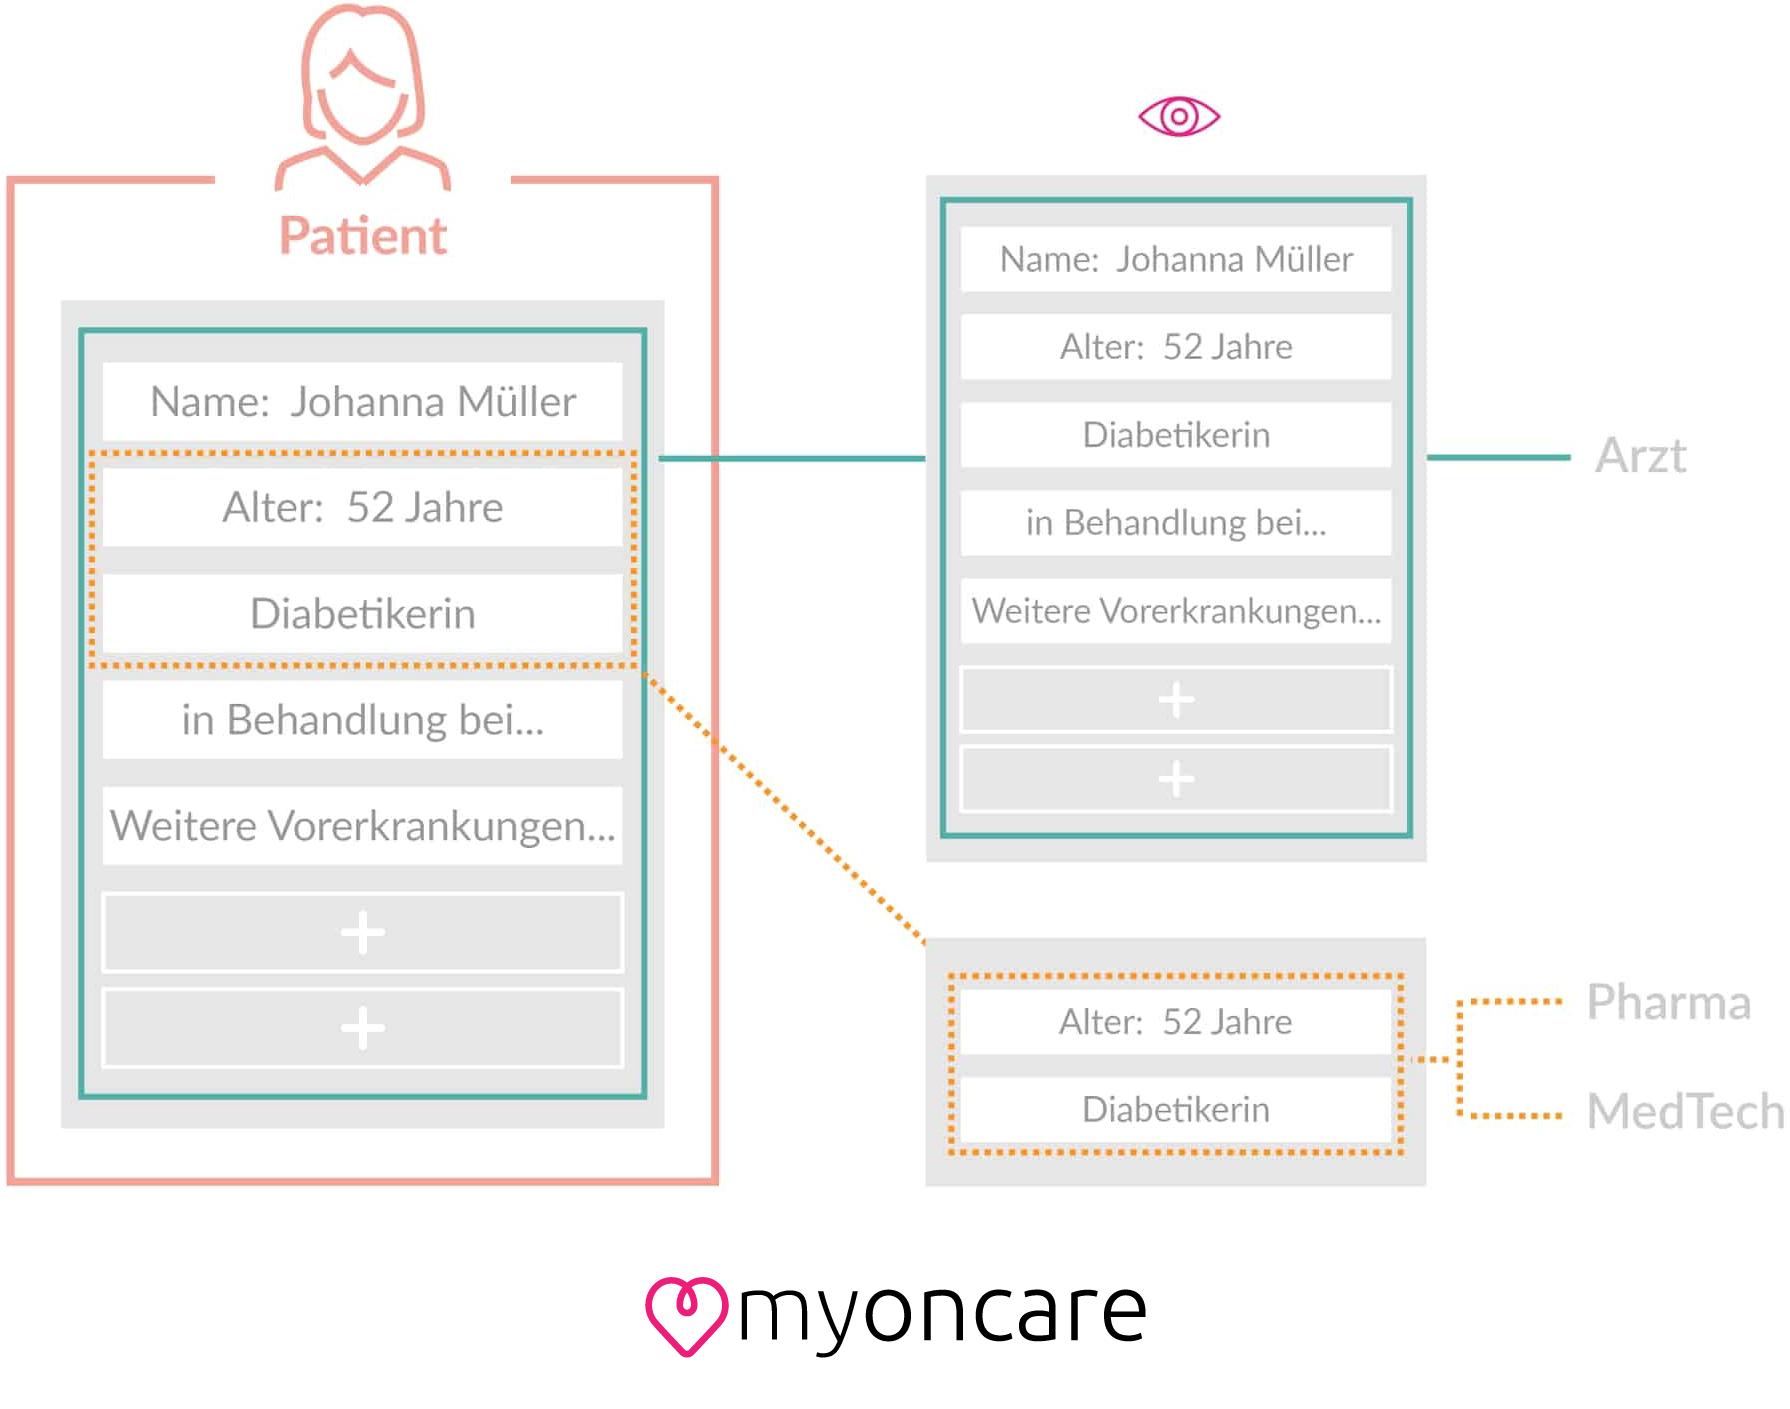 Ein Schaubild, das zeigt, das Ärzte alle relevanten DAten erhalten während MedTech und Pharma nur anonymisiert Daten bekommen